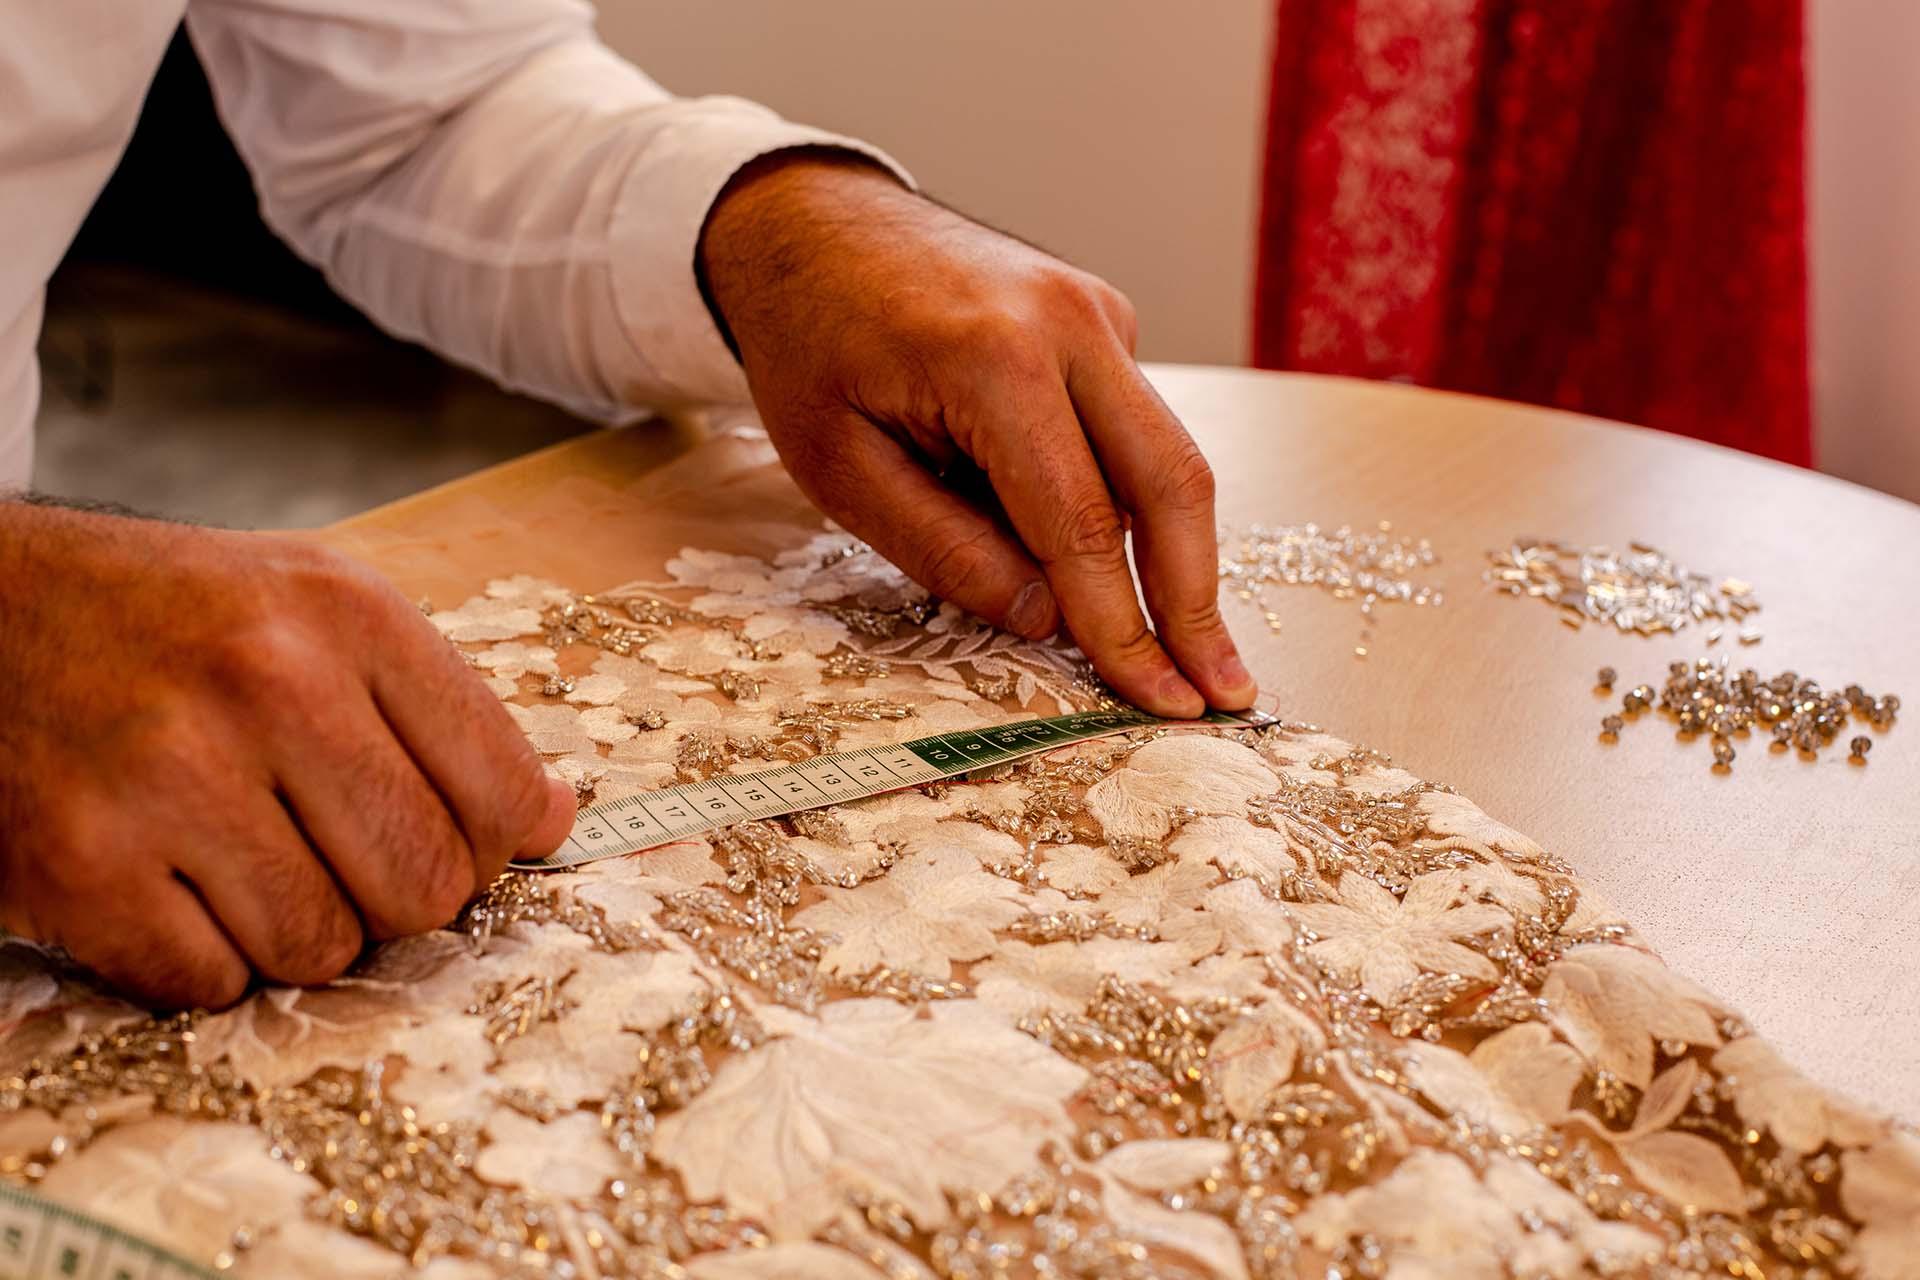 Sobre pieza de noche realizada a medida en transparencia nube y encaje, Gabriel marca la posición donde deben ser incrustados cada uno de los hilos de seda que se realizaron en una máquina de una sola aguja guiada totalmente a mano.